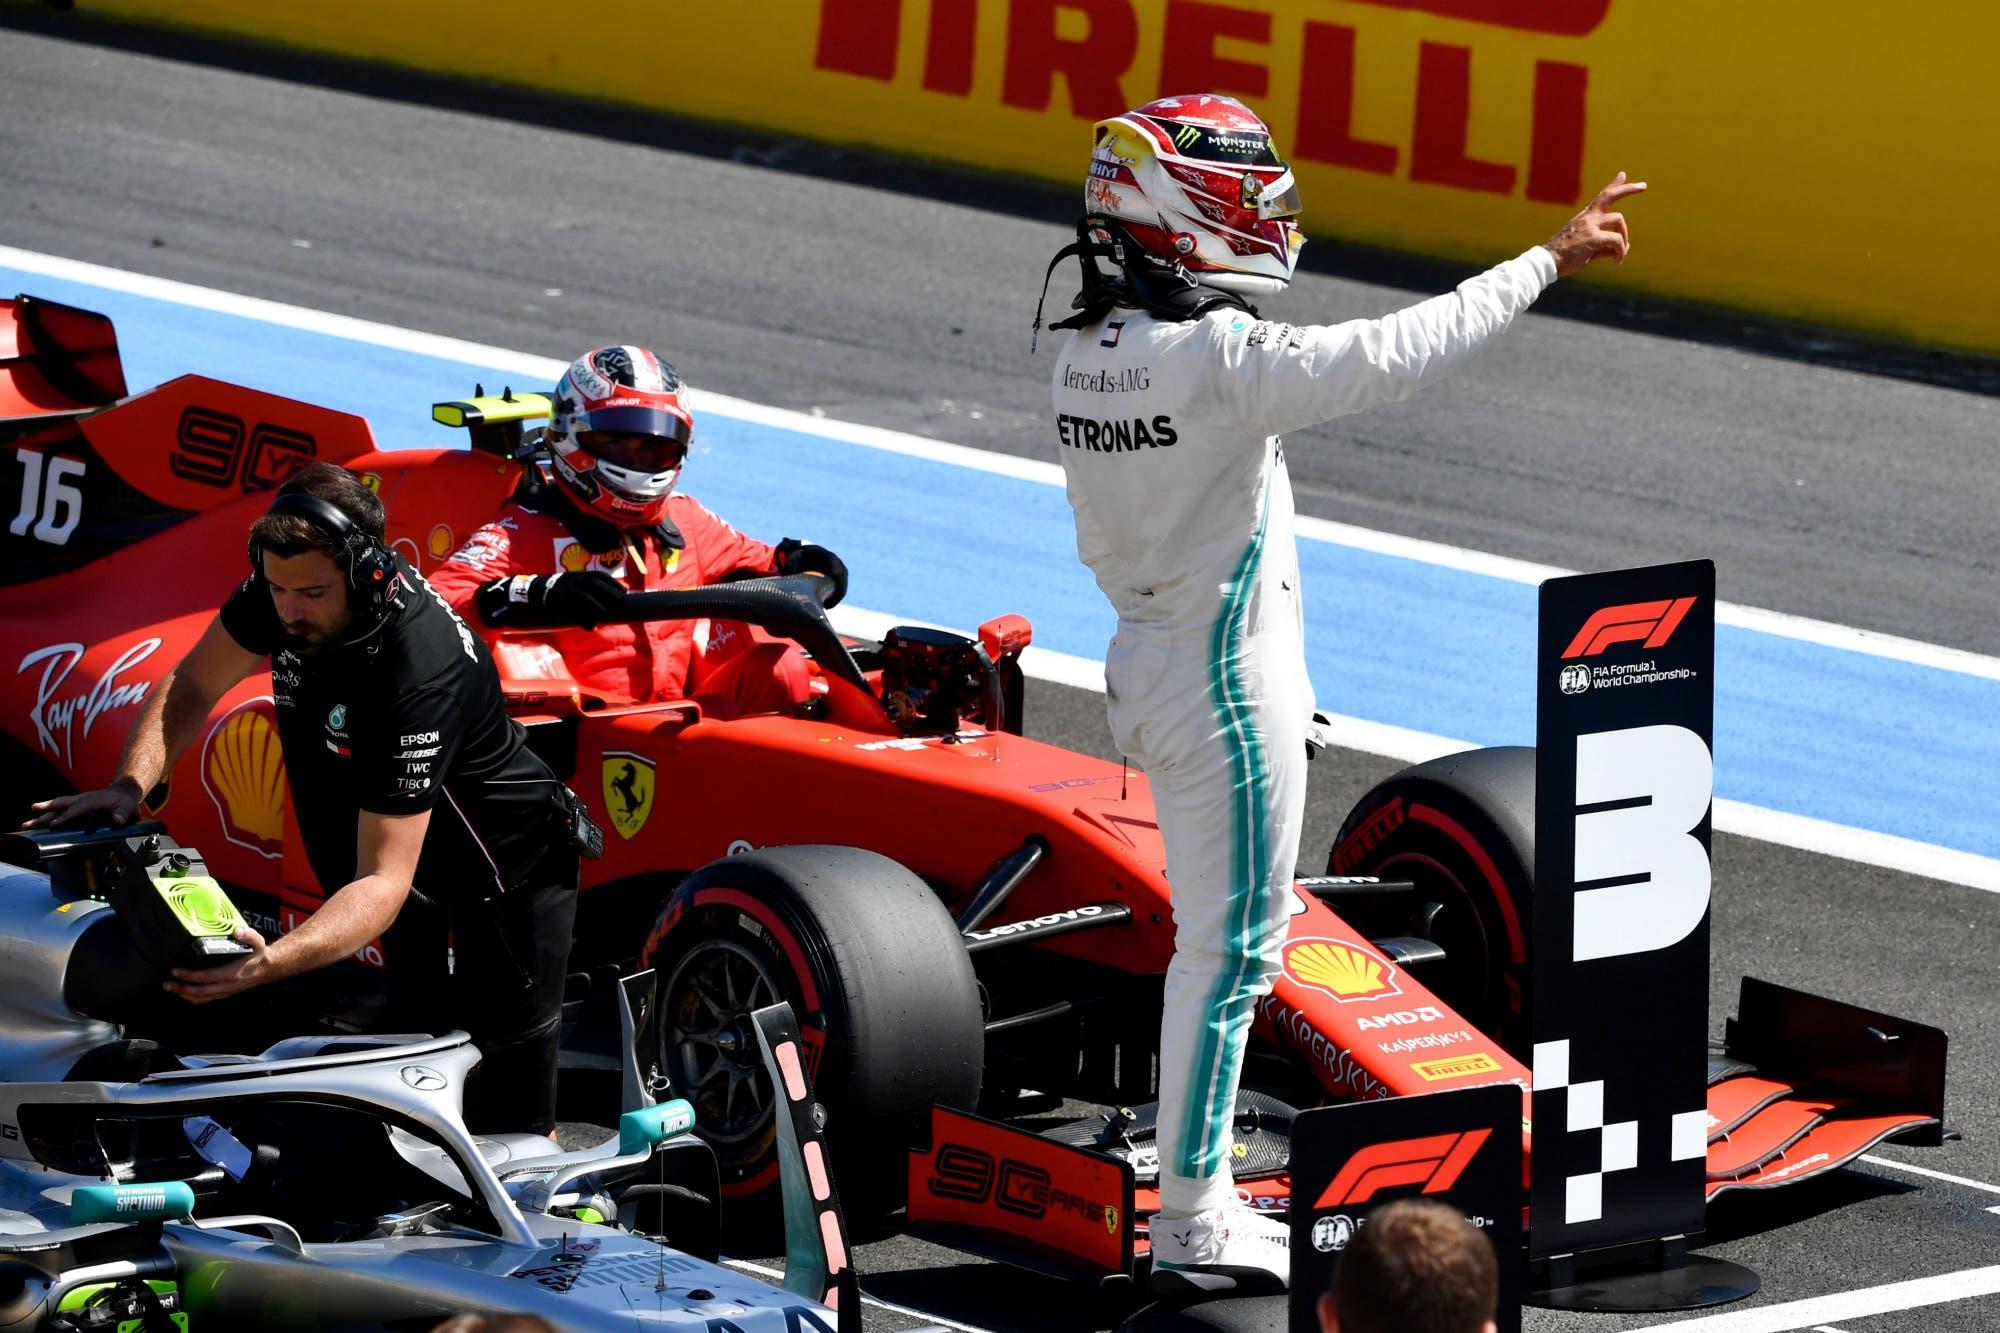 Sorpresas en Francia: los McLaren largarán 5º y 6º, justo delante de... Vettel